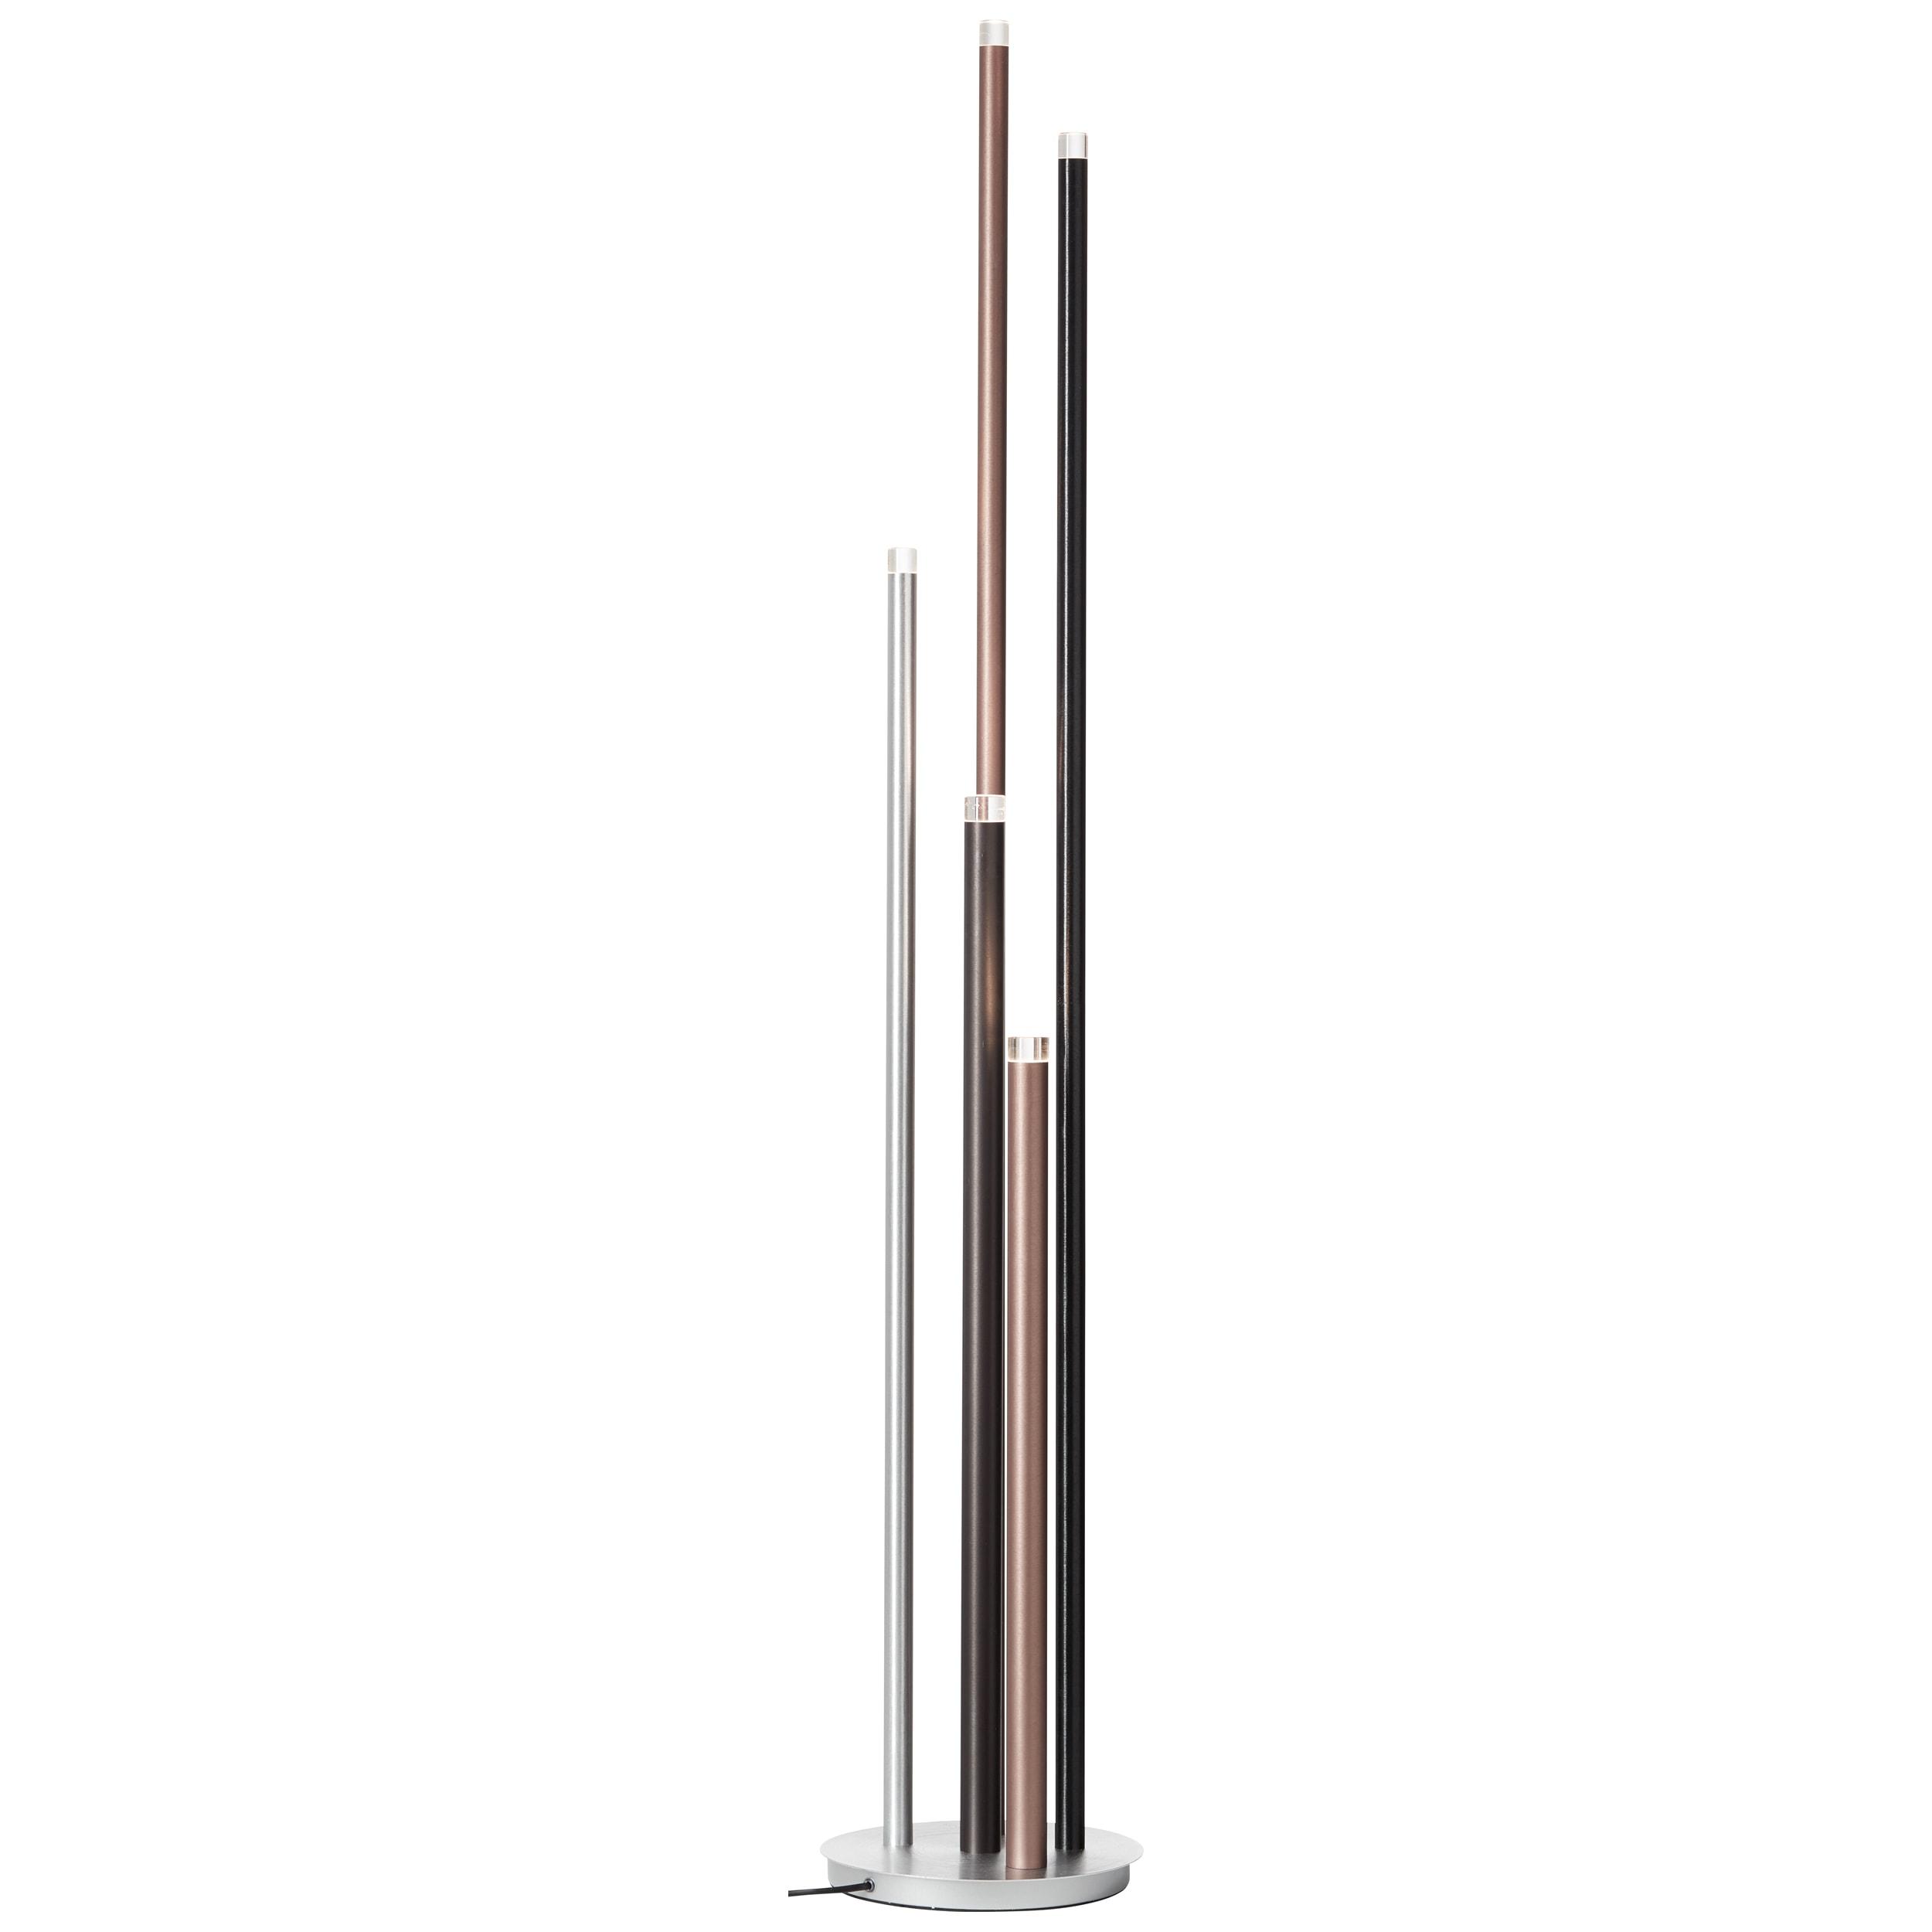 Brilliant Leuchten Cembalo LED Standleuchte 5flg alu/schwarz/braun